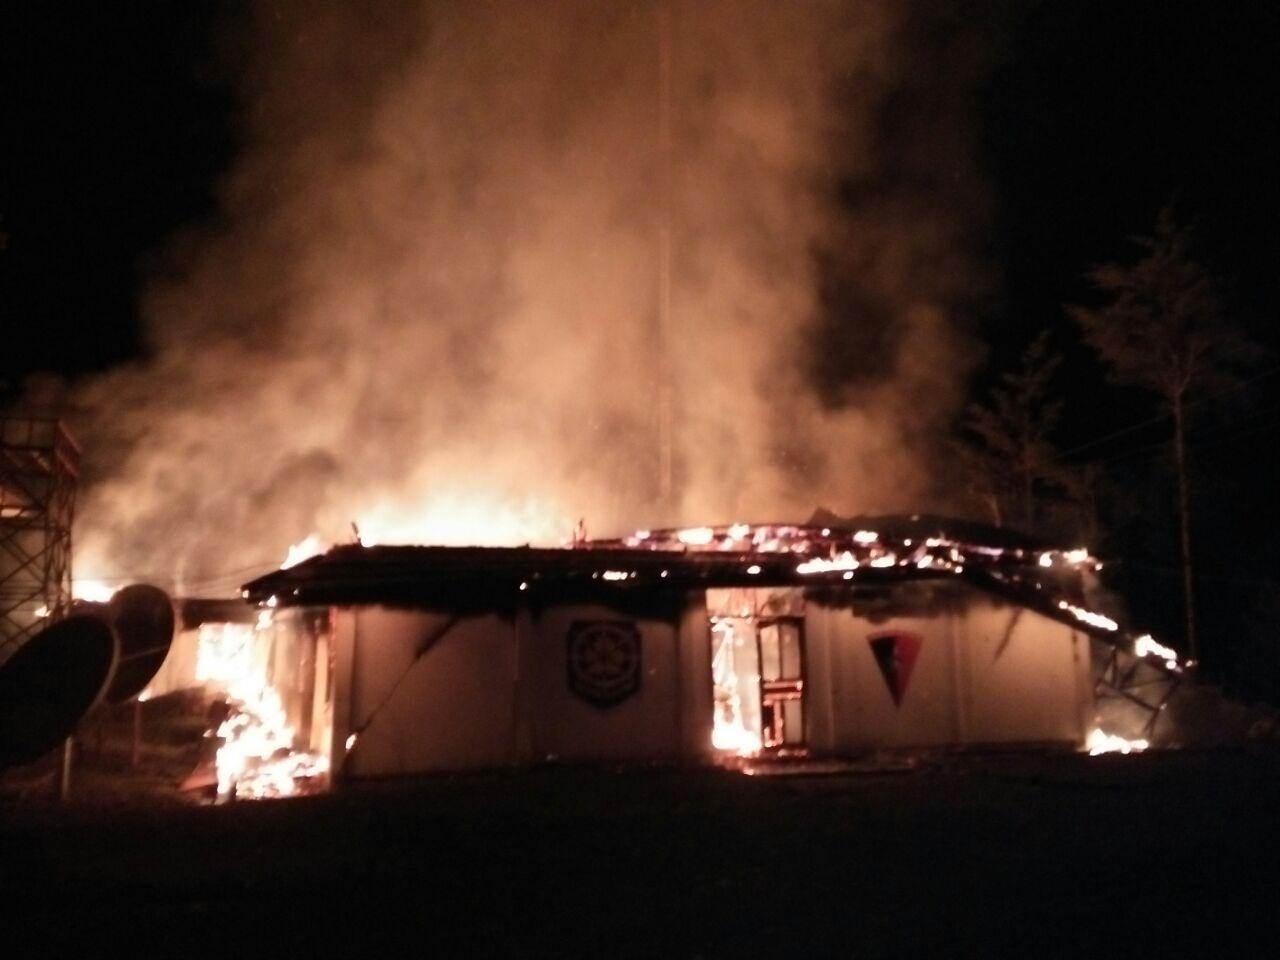 https: img-z.okeinfo.net content 2017 10 13 340 1794605 duh-kantor-satpol-pp-tolikara-papua-habis-terbakar-nPvVUzF7mV.jpg